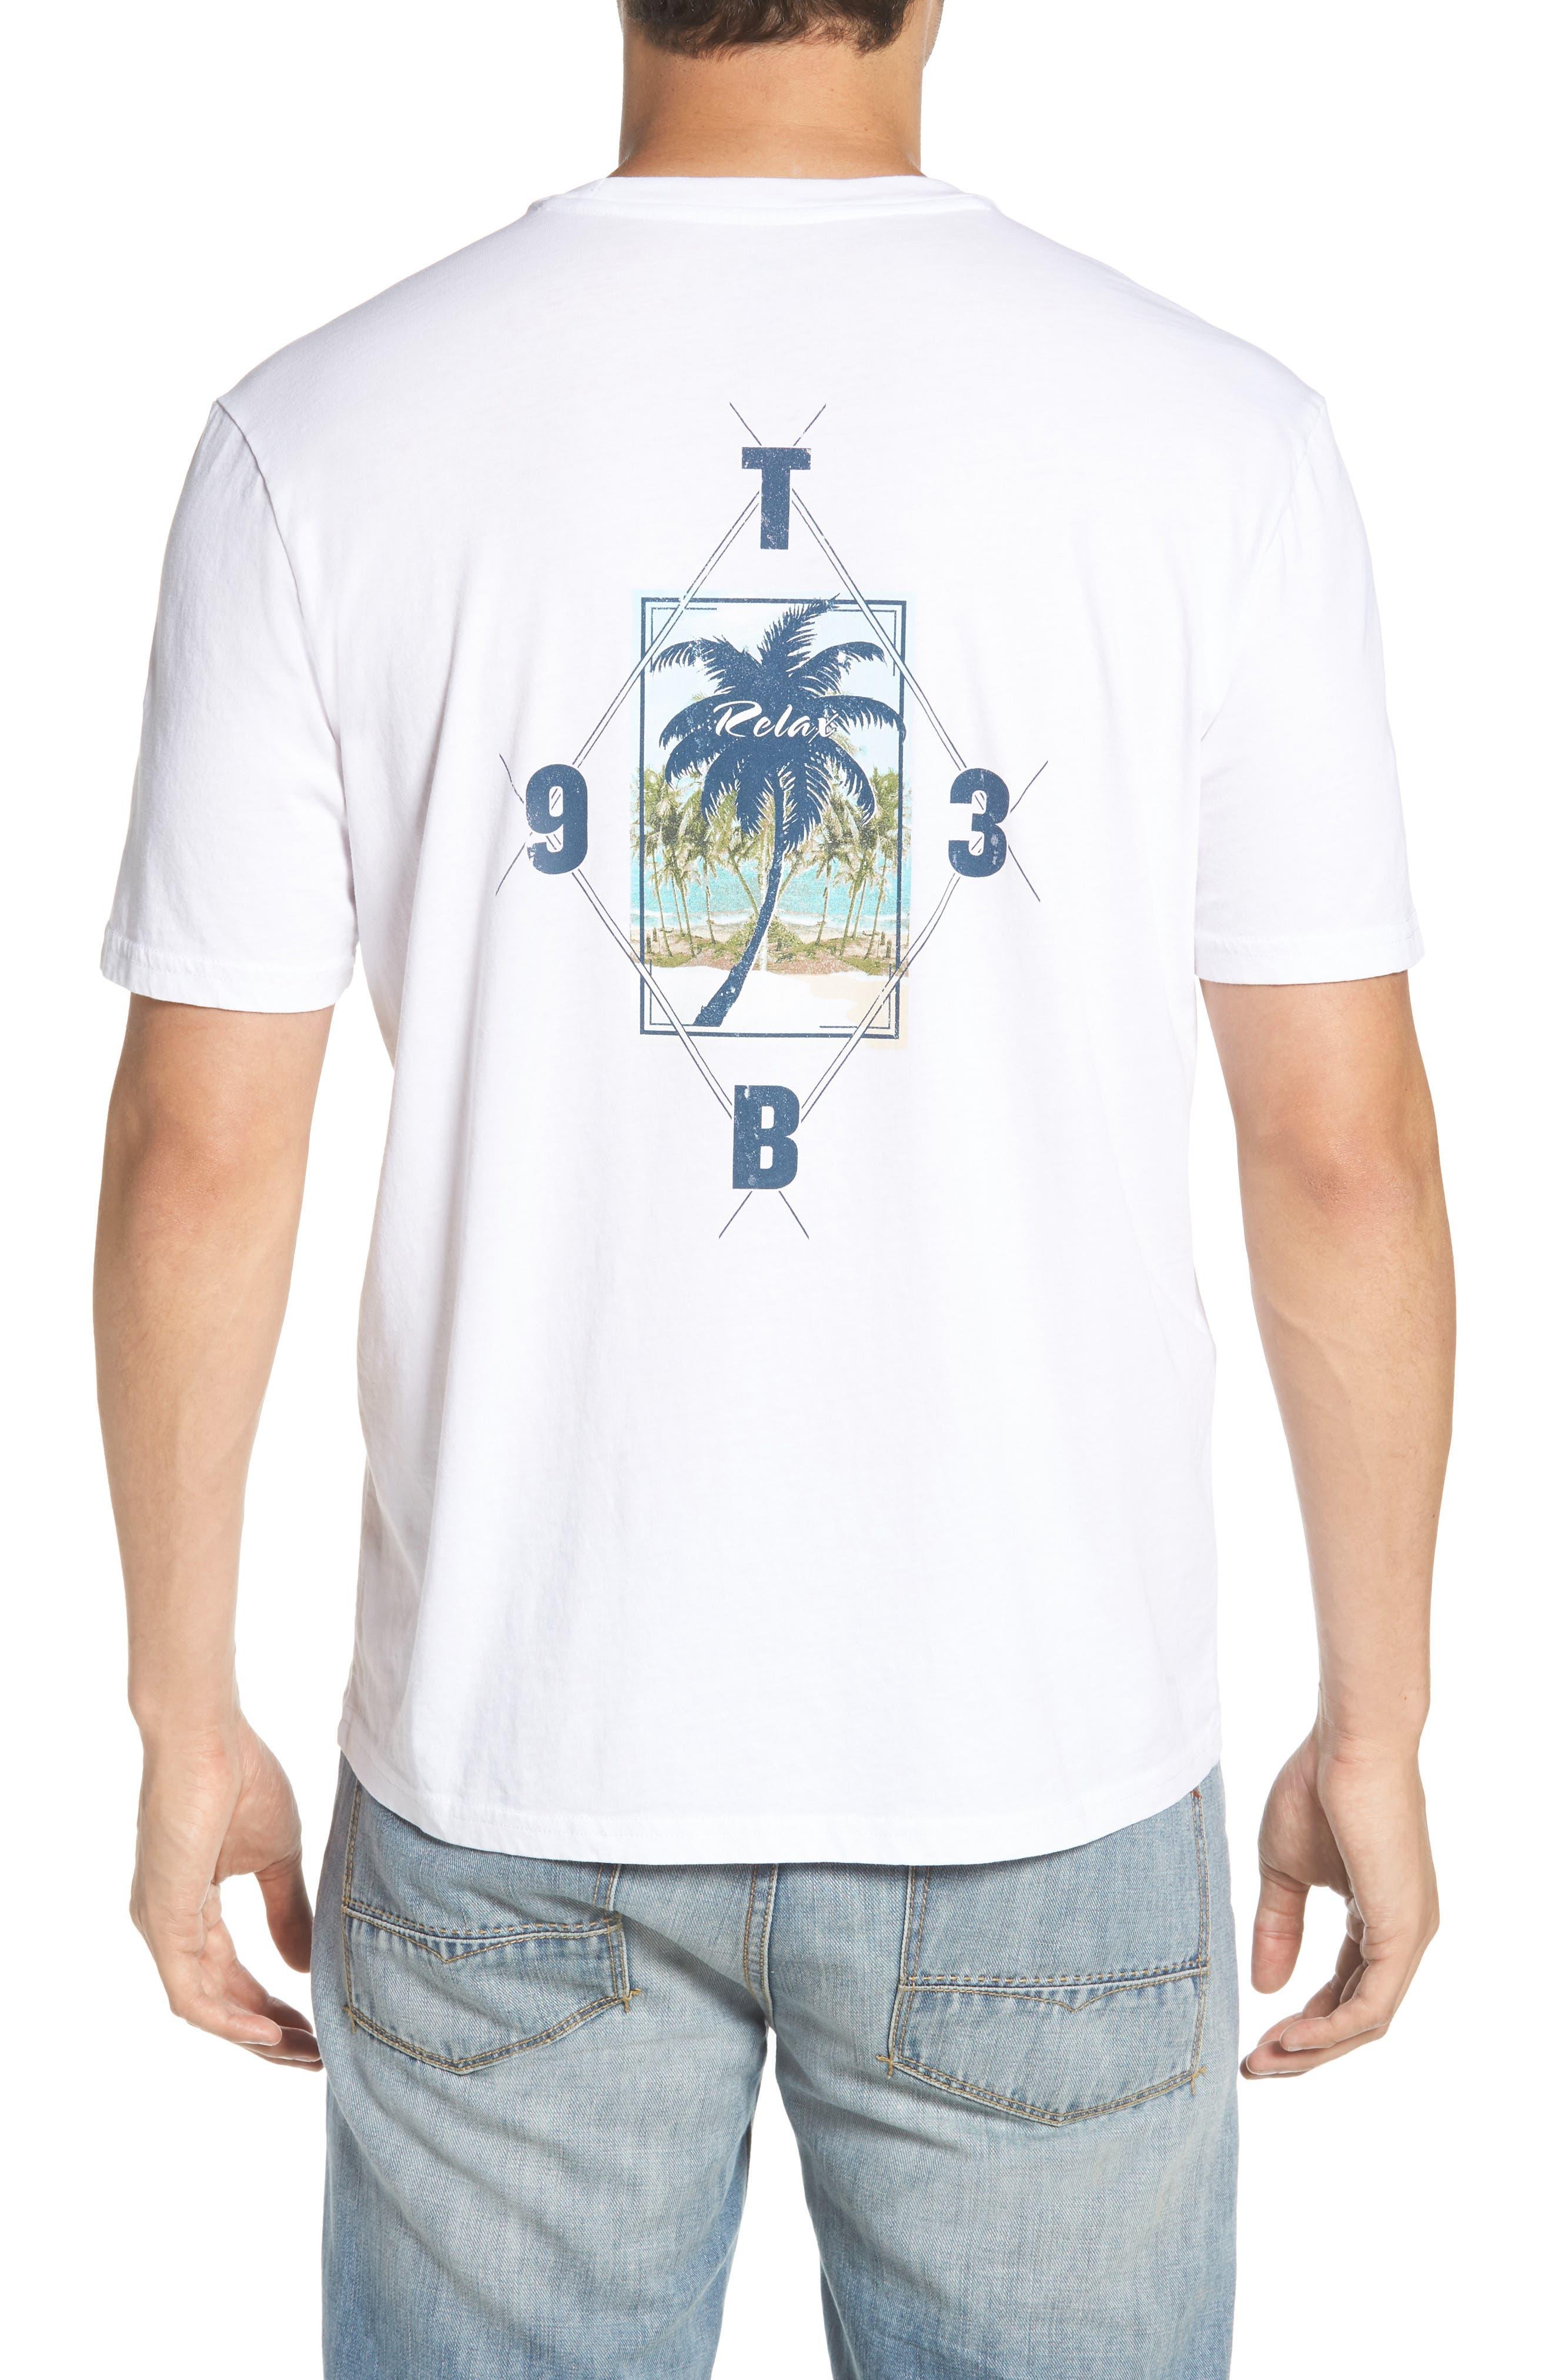 Diamond Cove T-Shirt,                             Alternate thumbnail 2, color,                             White